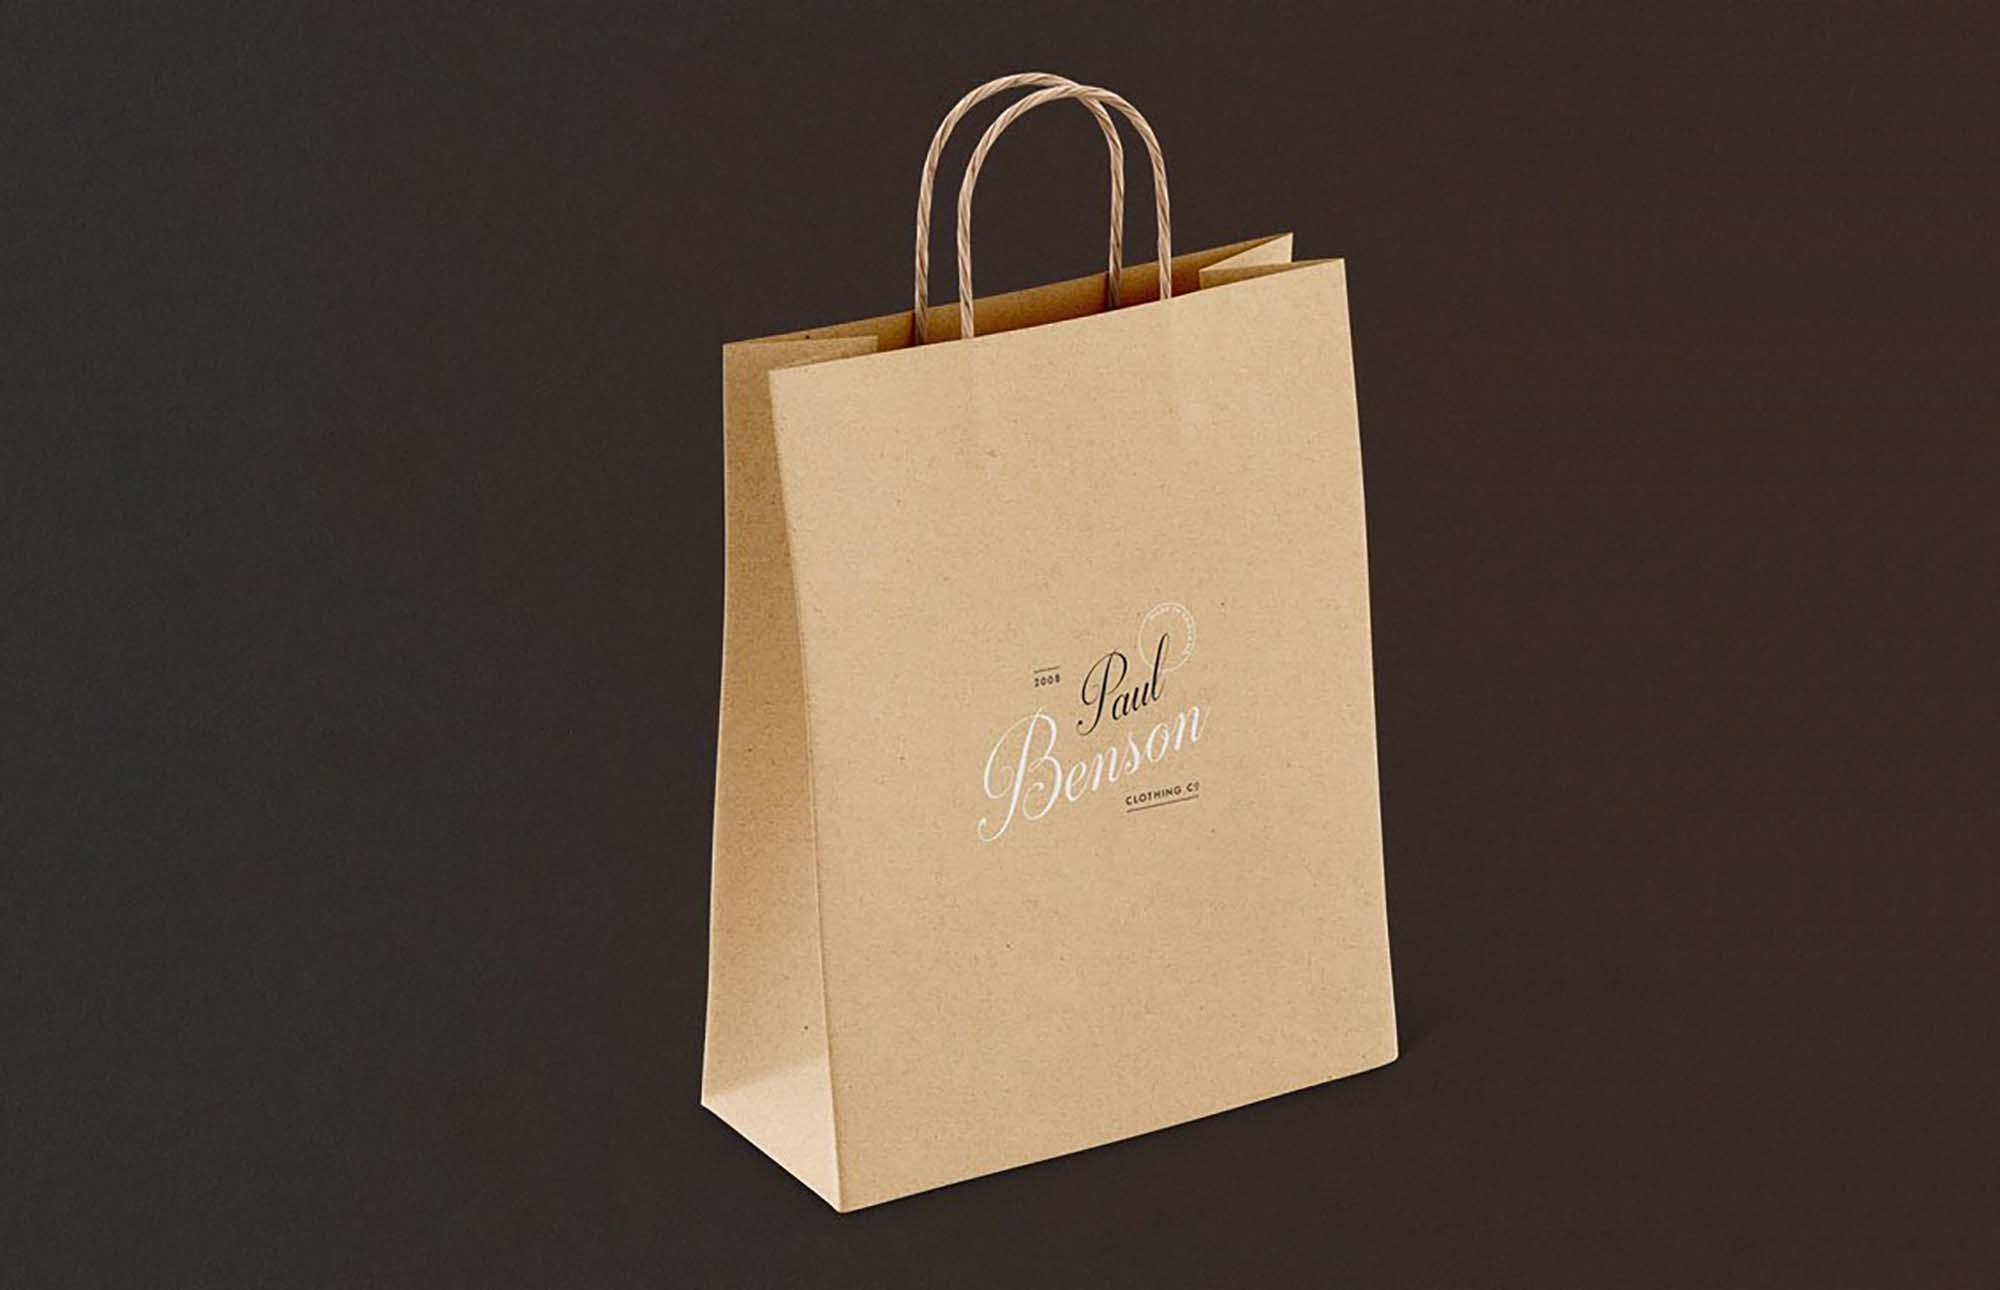 Download universal bag mockup format : Free Paper Bag Mockup Set Psd